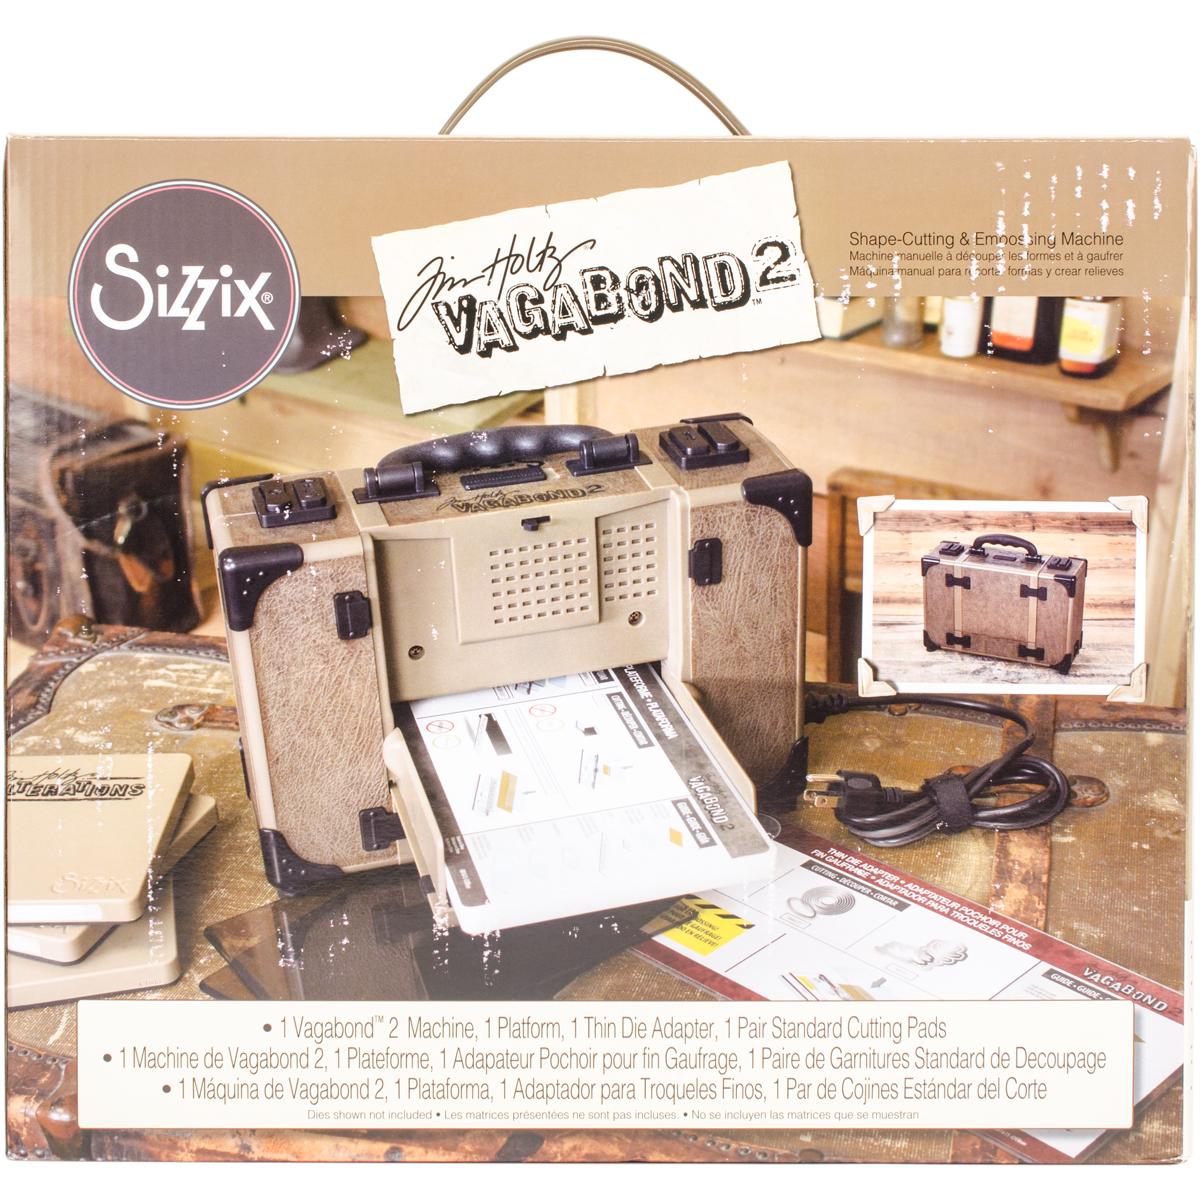 Sizzix Vagabond 2 Machine Inspired By Tim Holtz-US Version